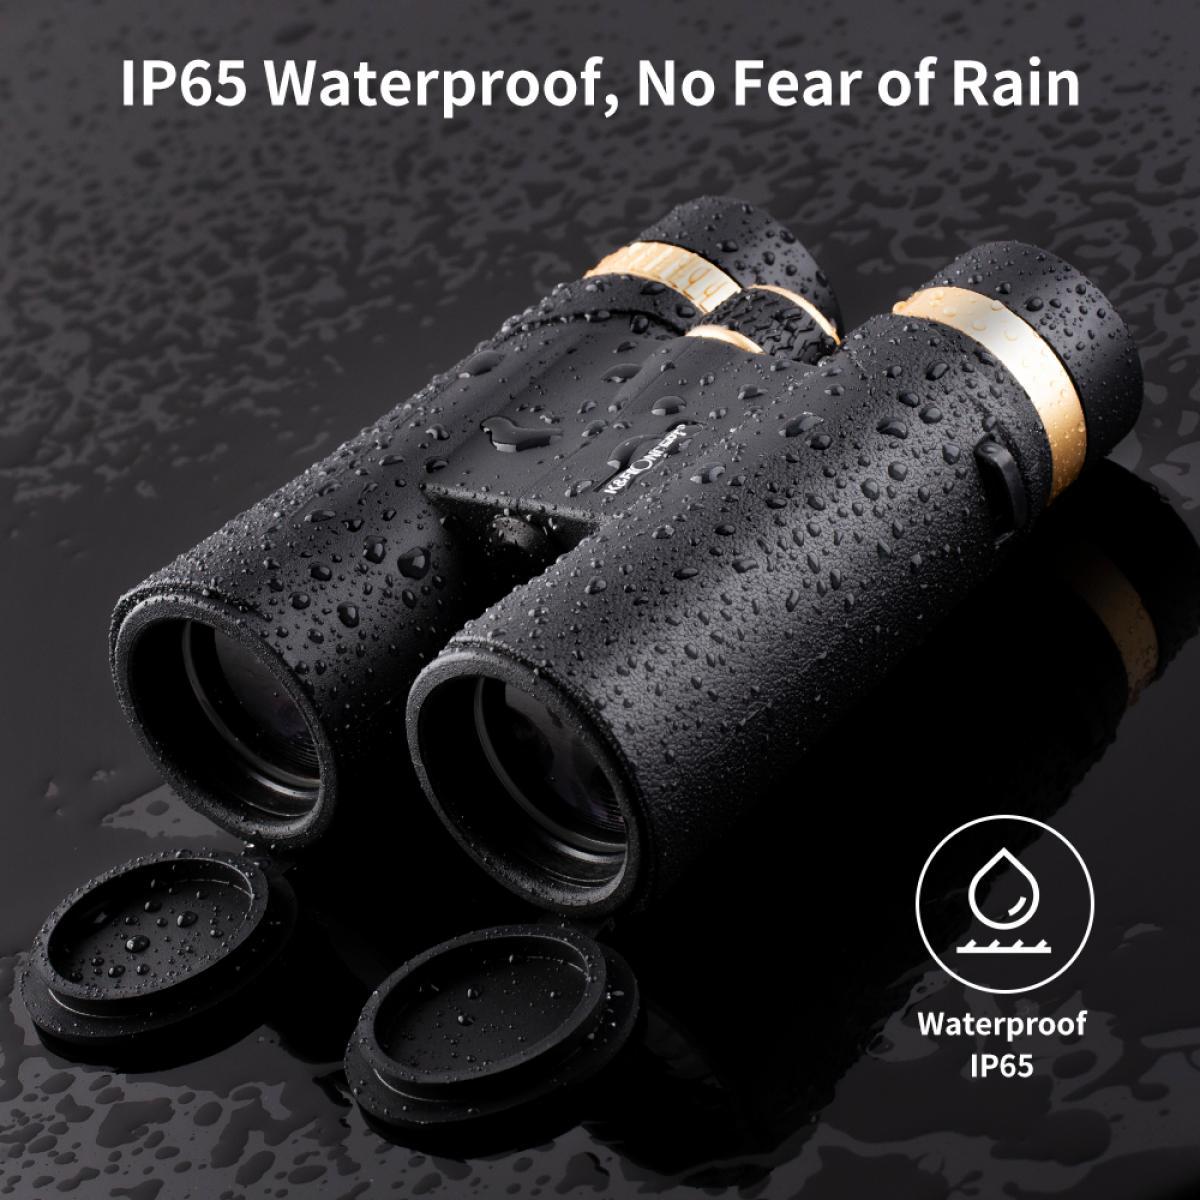 12x42 Professional HD Binoculars for Bird Watching, Clear Weak Light Night Vision Binoculars Easy Focus Waterproof